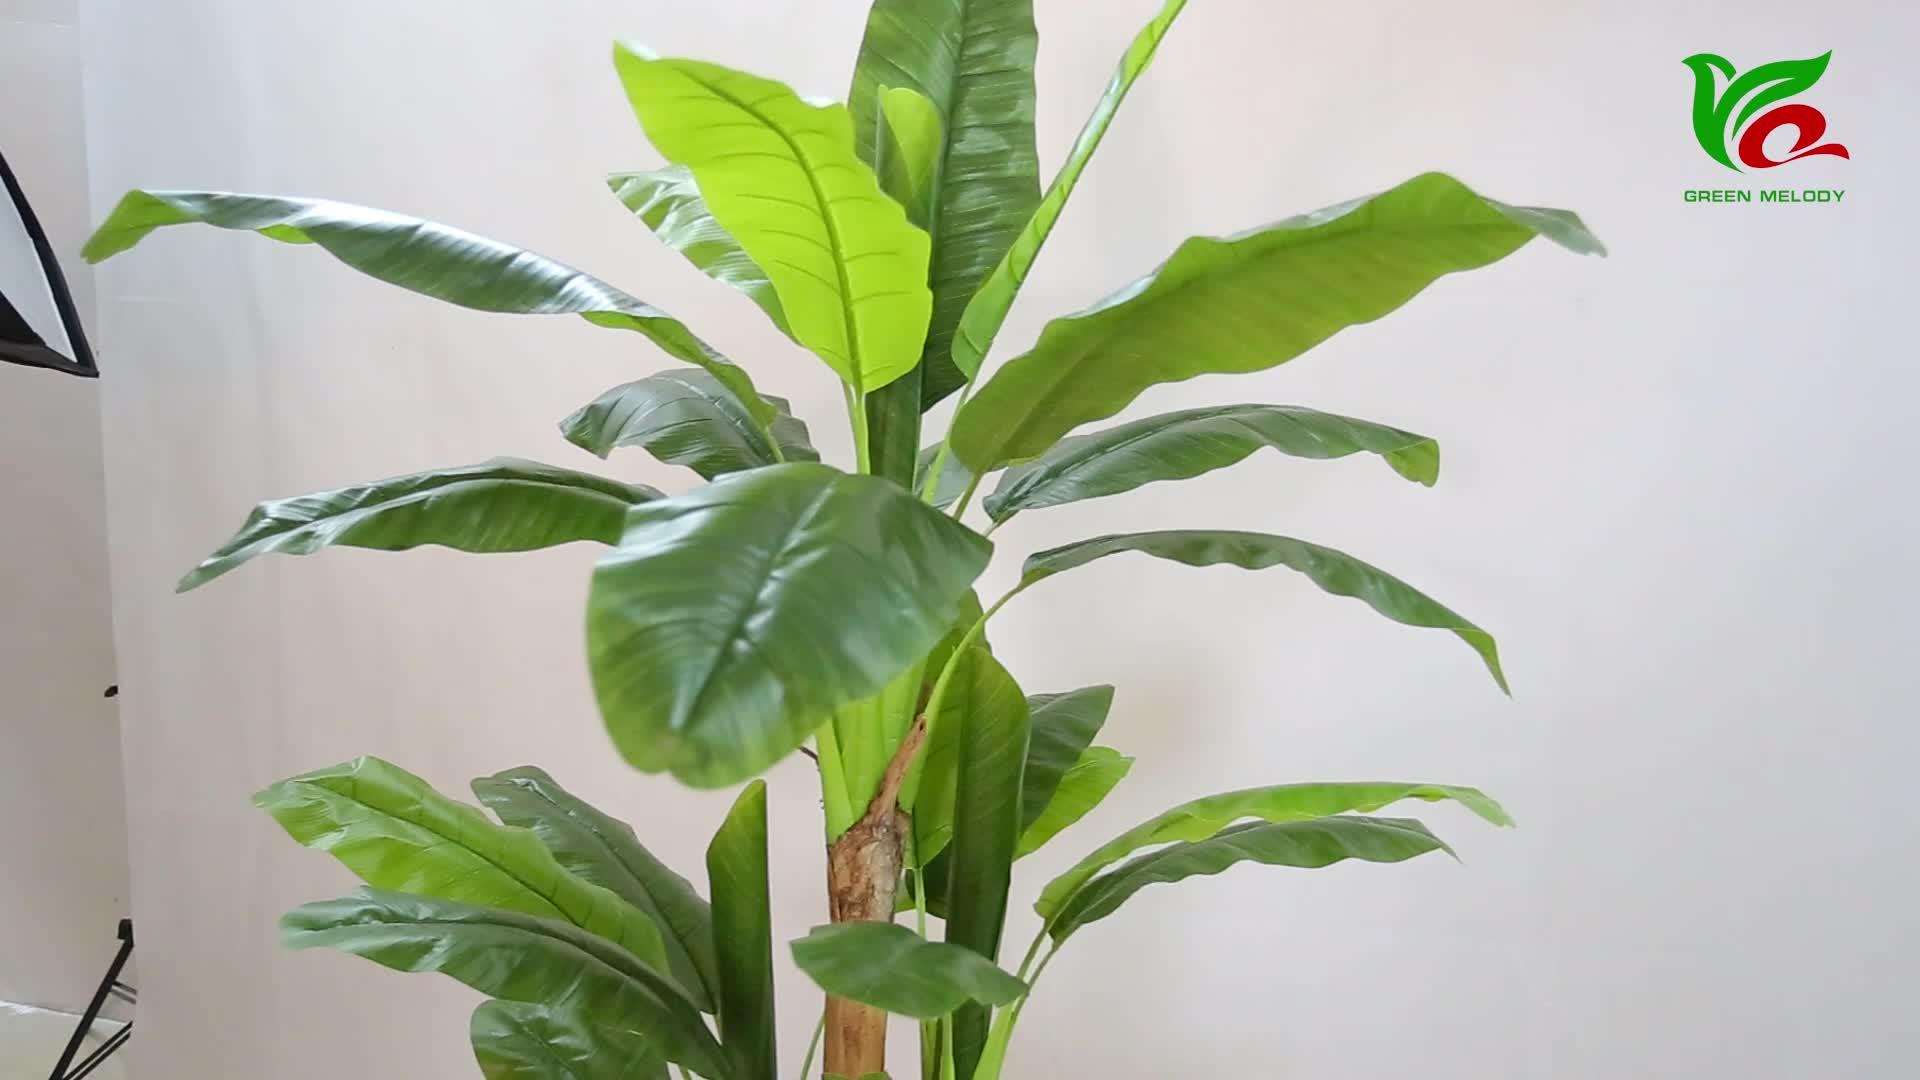 Plantes en plastique artificielles ornementales de bananier de la vraie touche 1.9m